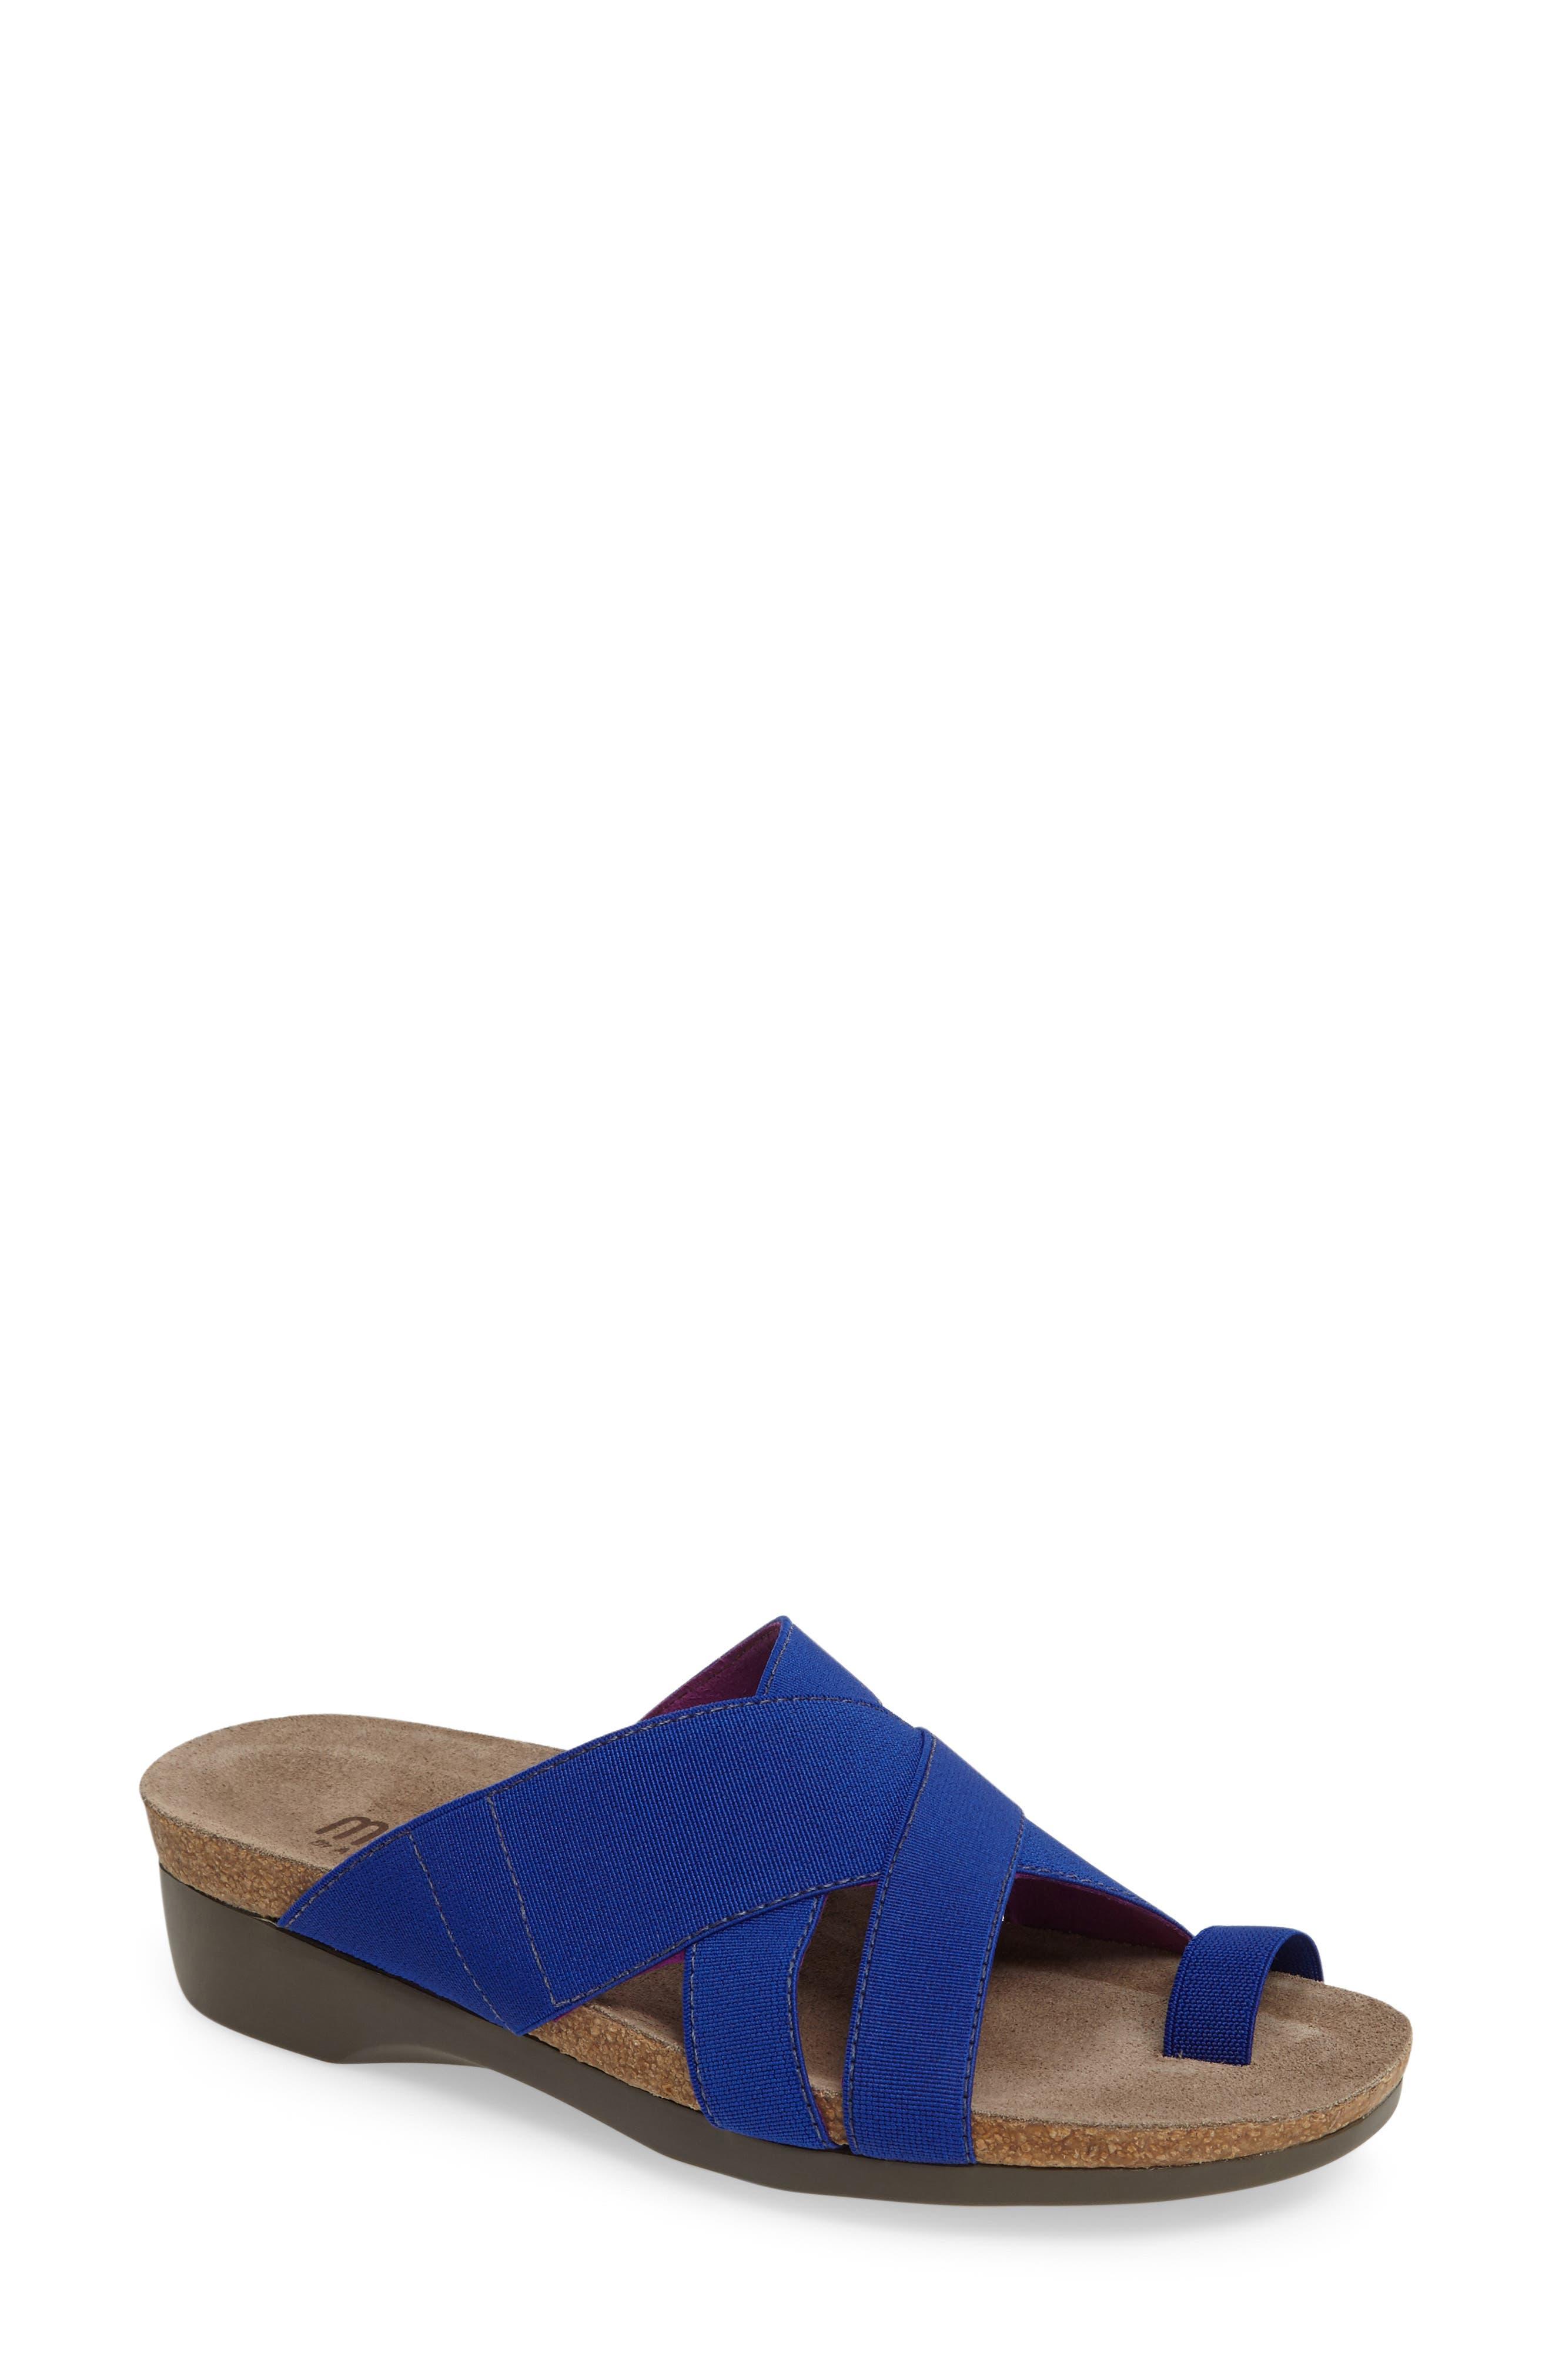 Main Image - Munro Delphi Slide Sandal (Women)